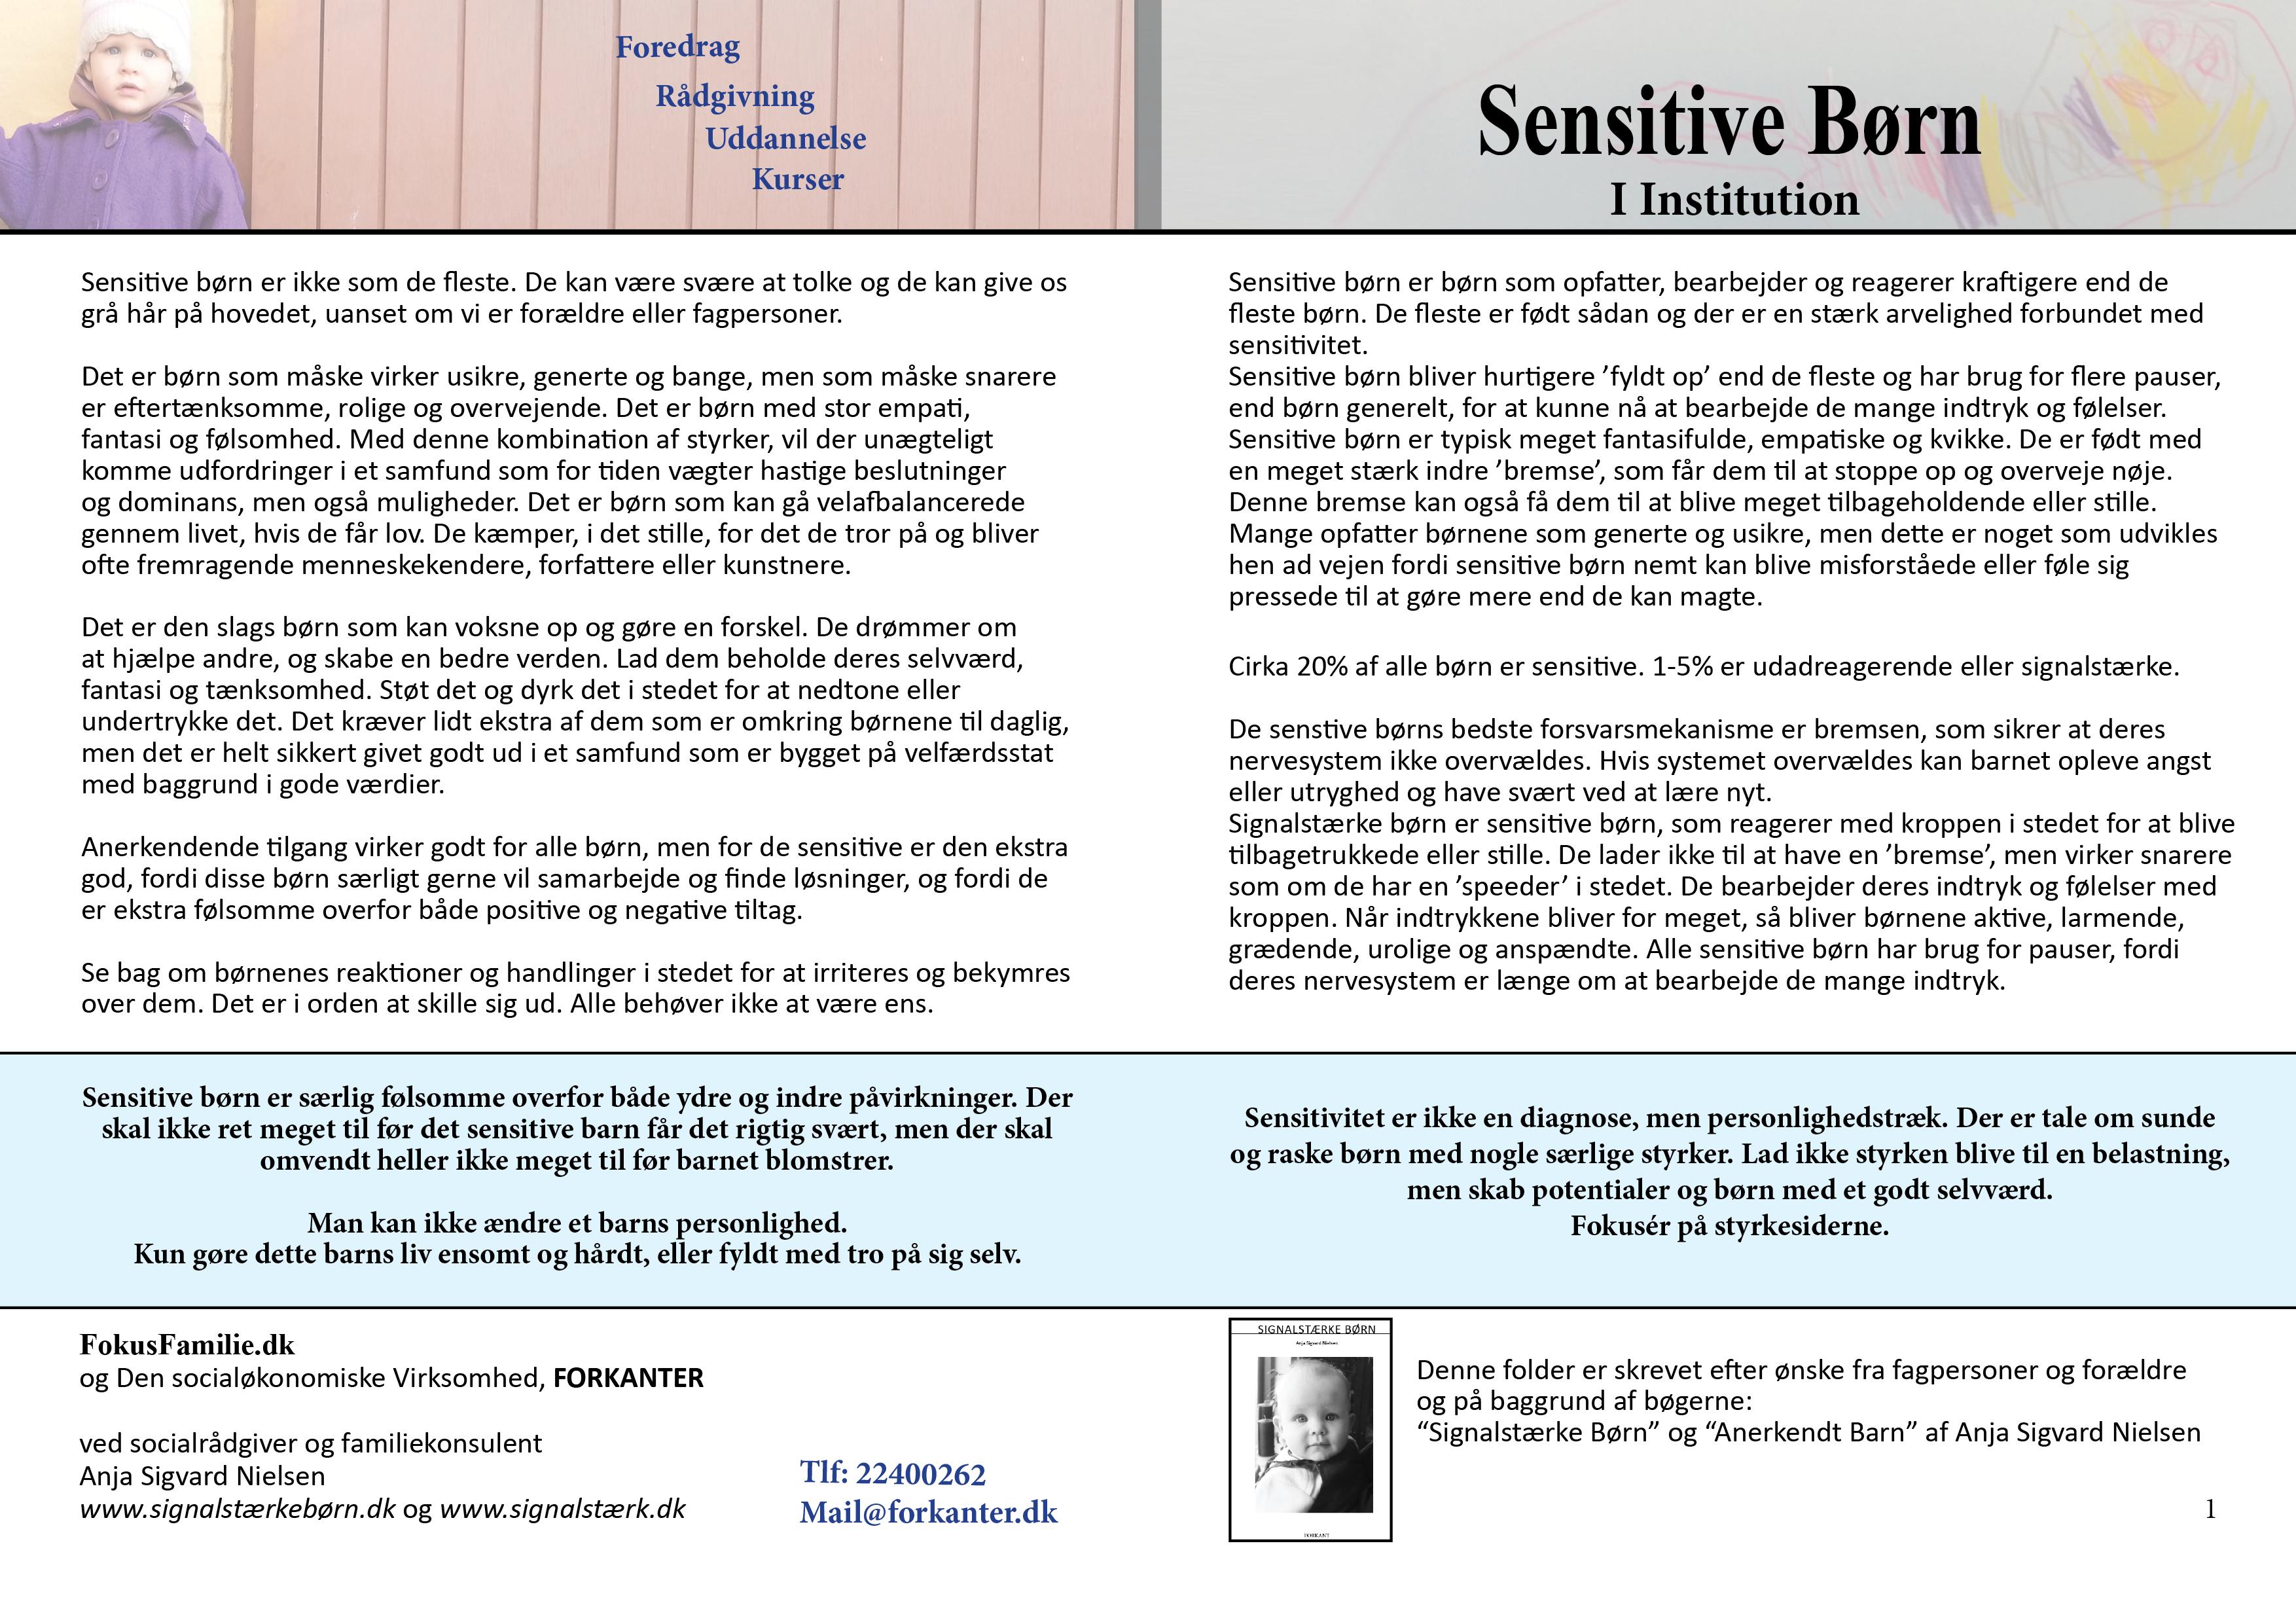 sensitivfolder